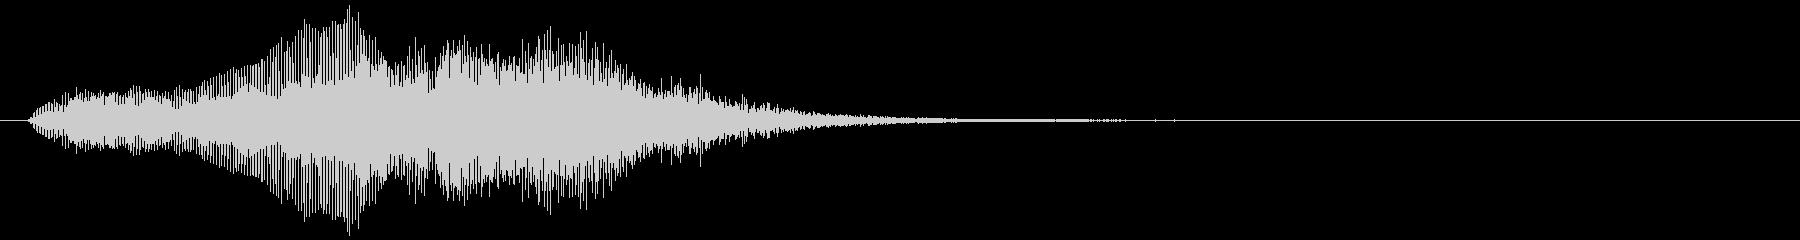 象の鳴き声2の未再生の波形